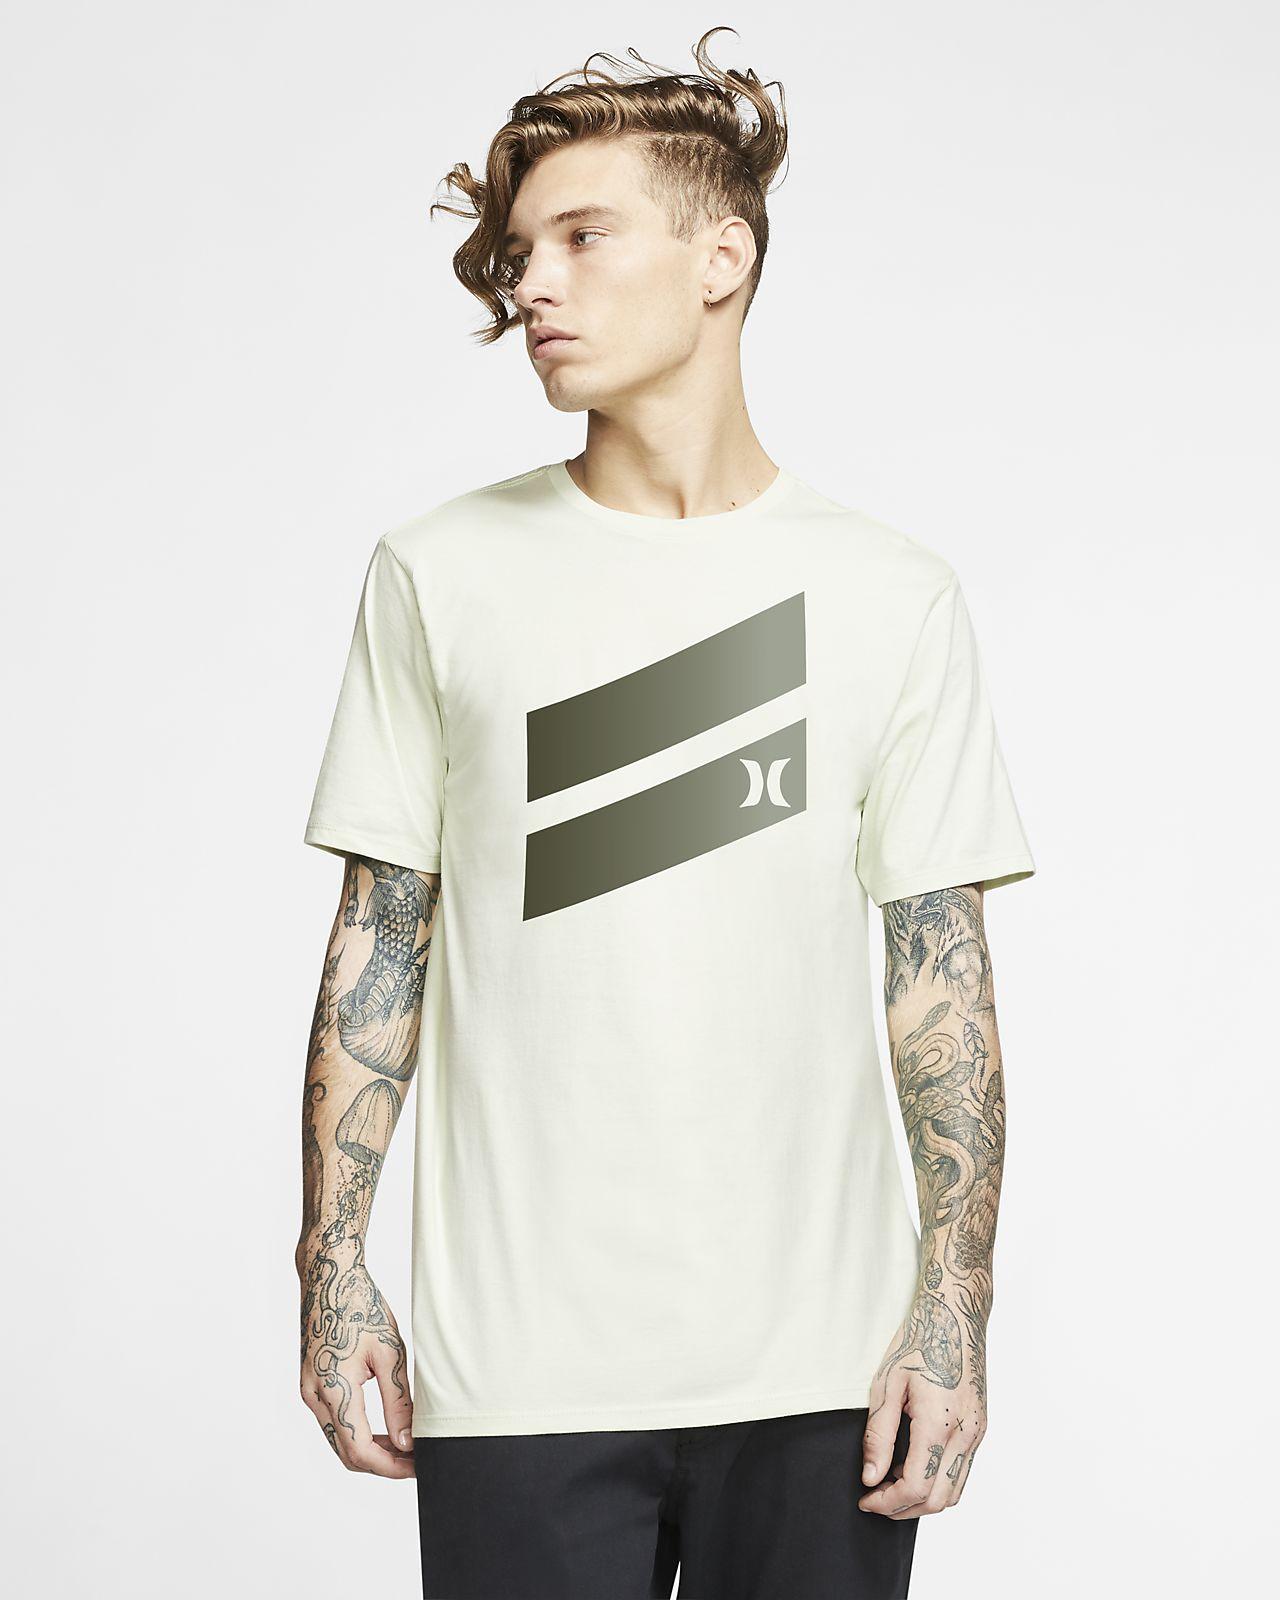 T-shirt Premium Fit Hurley Premium Icon Slash Gradient - Uomo